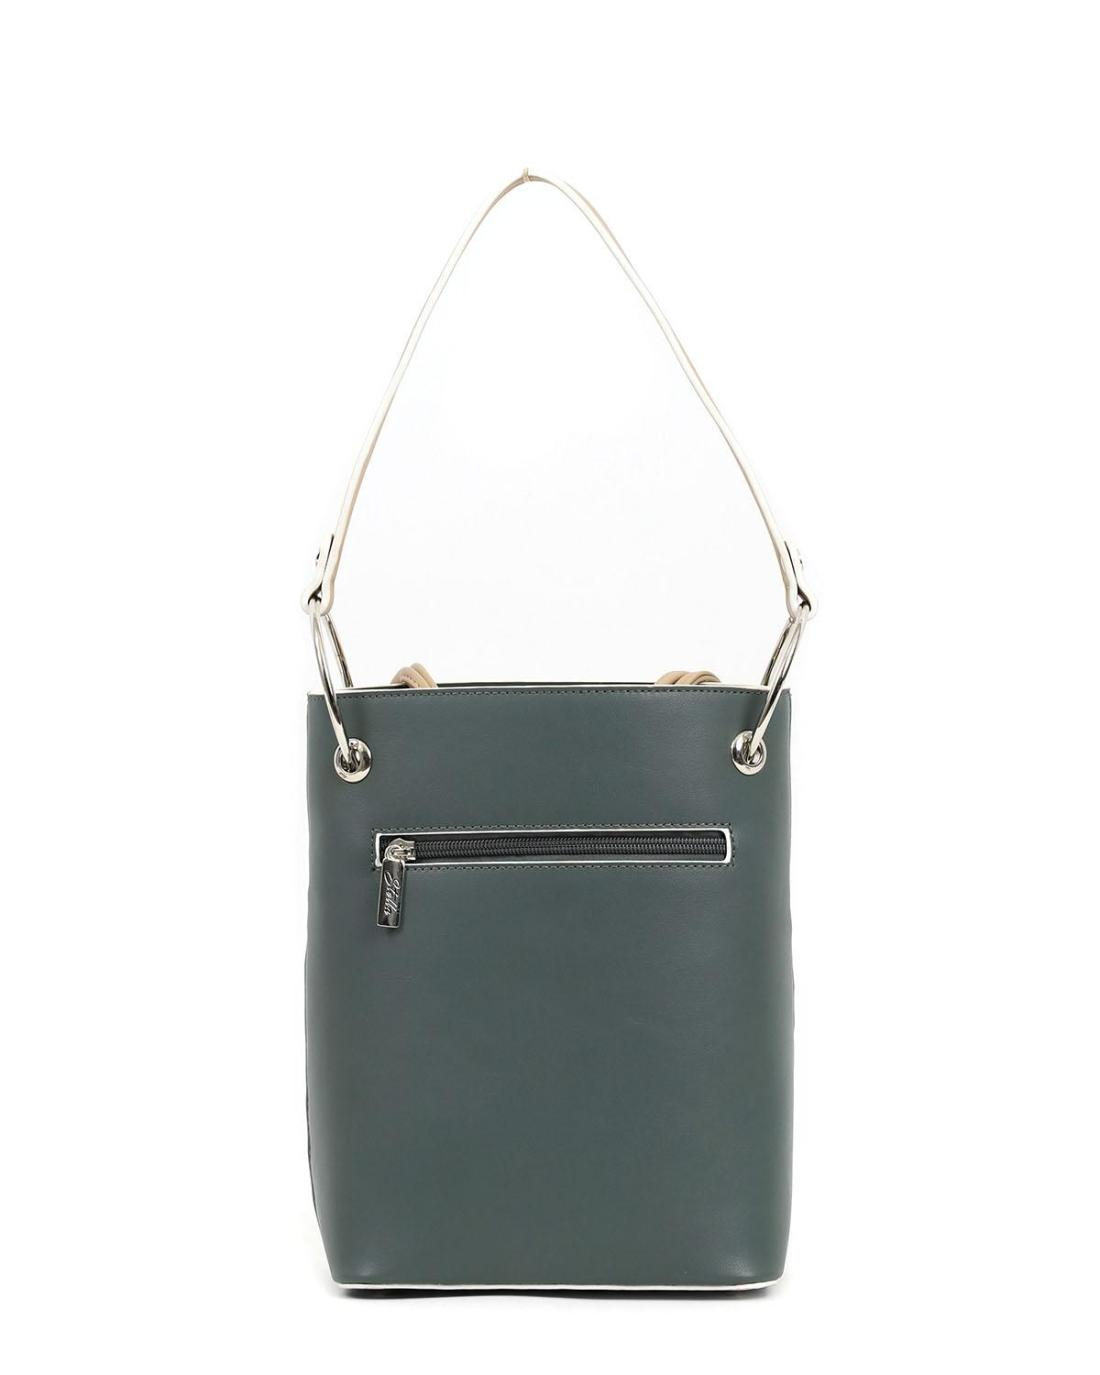 Καθημερινή τσάντα χειρός πράσινη